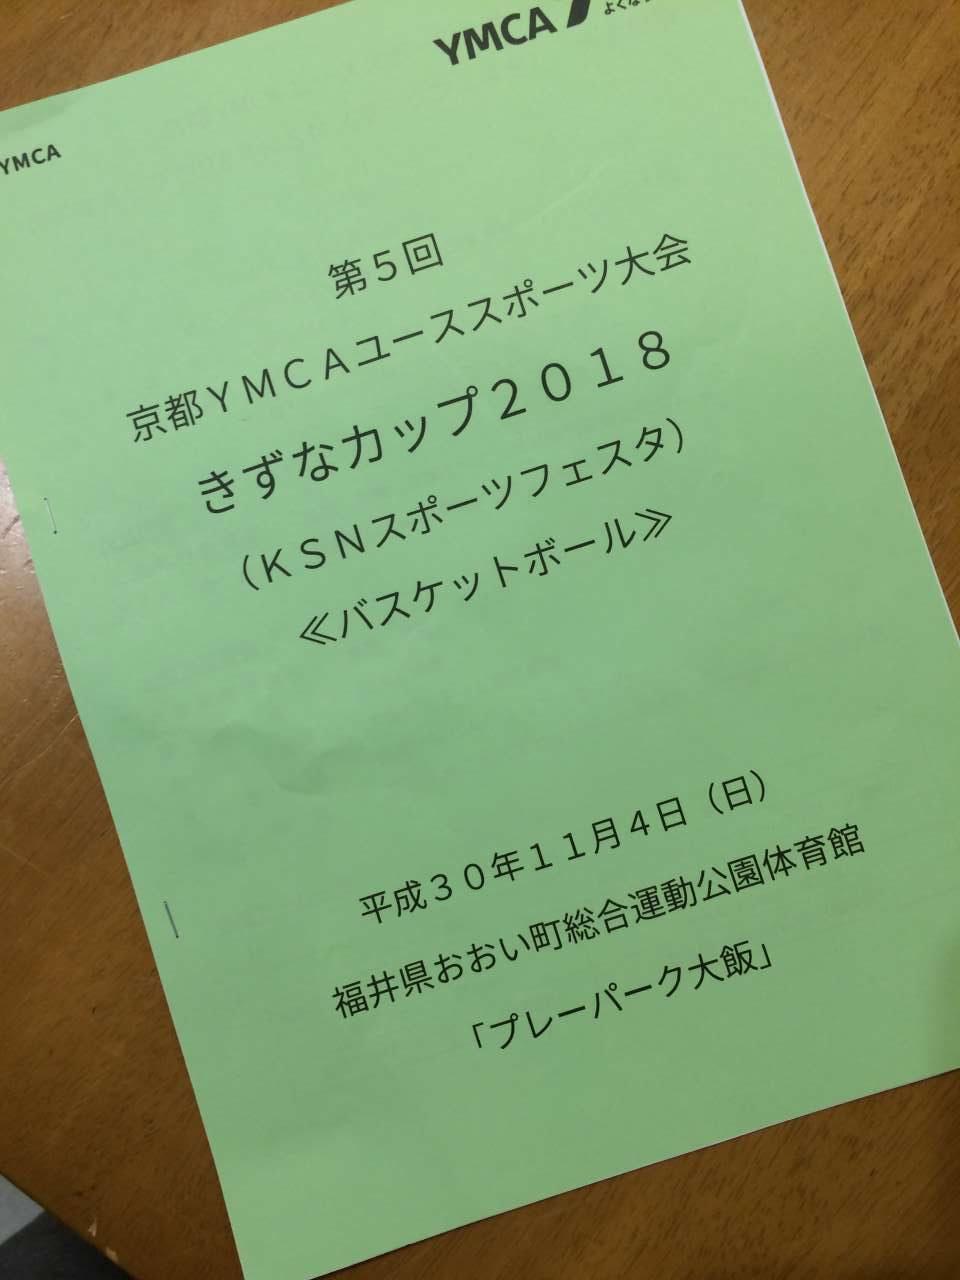 京都YMCAユーススポーツ大会 きずなカップ2018参加しました。